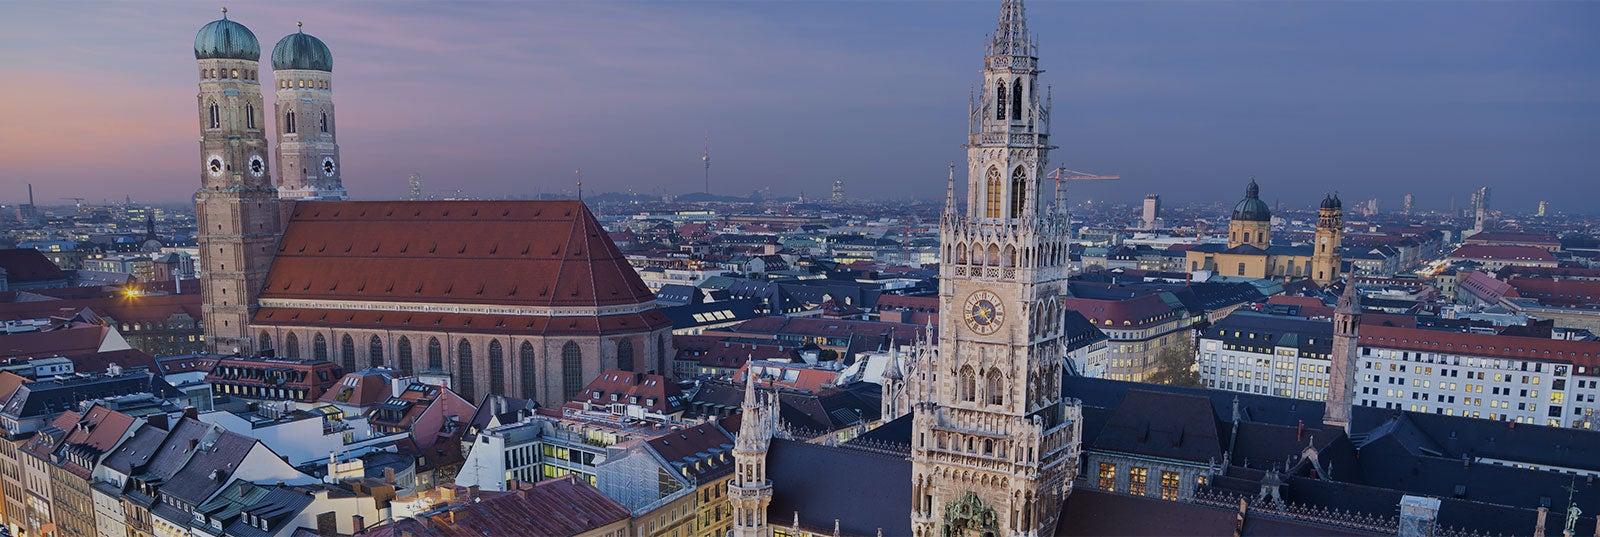 Guía turística de Múnich